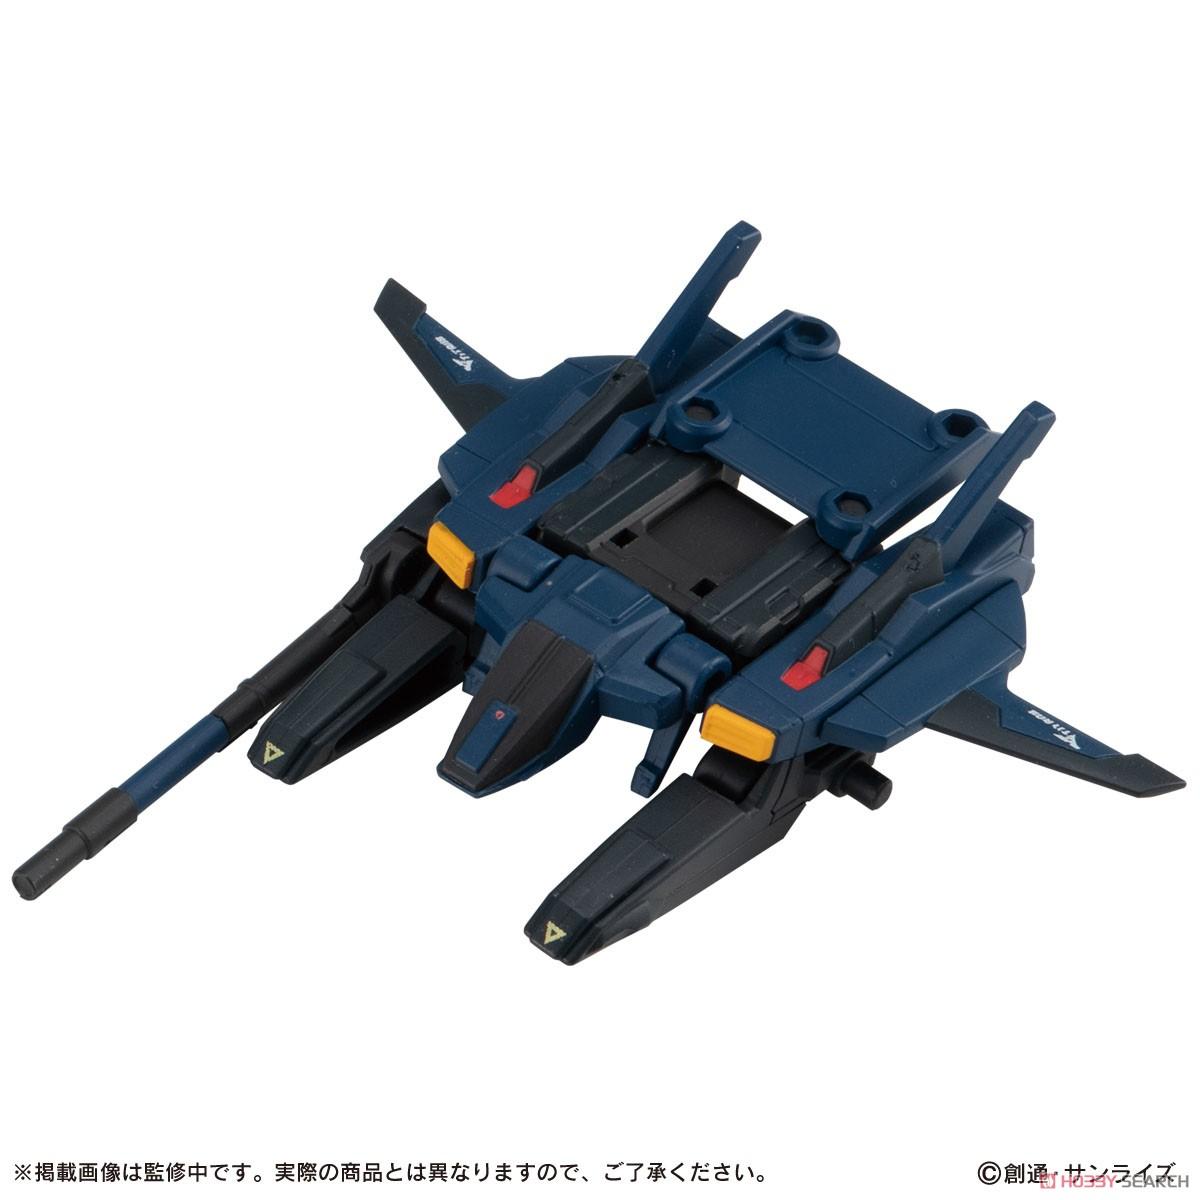 機動戦士ガンダム『MOBILE SUIT ENSEMBLE7.5』デフォルメ可動フィギュア 10個入りBOX-005